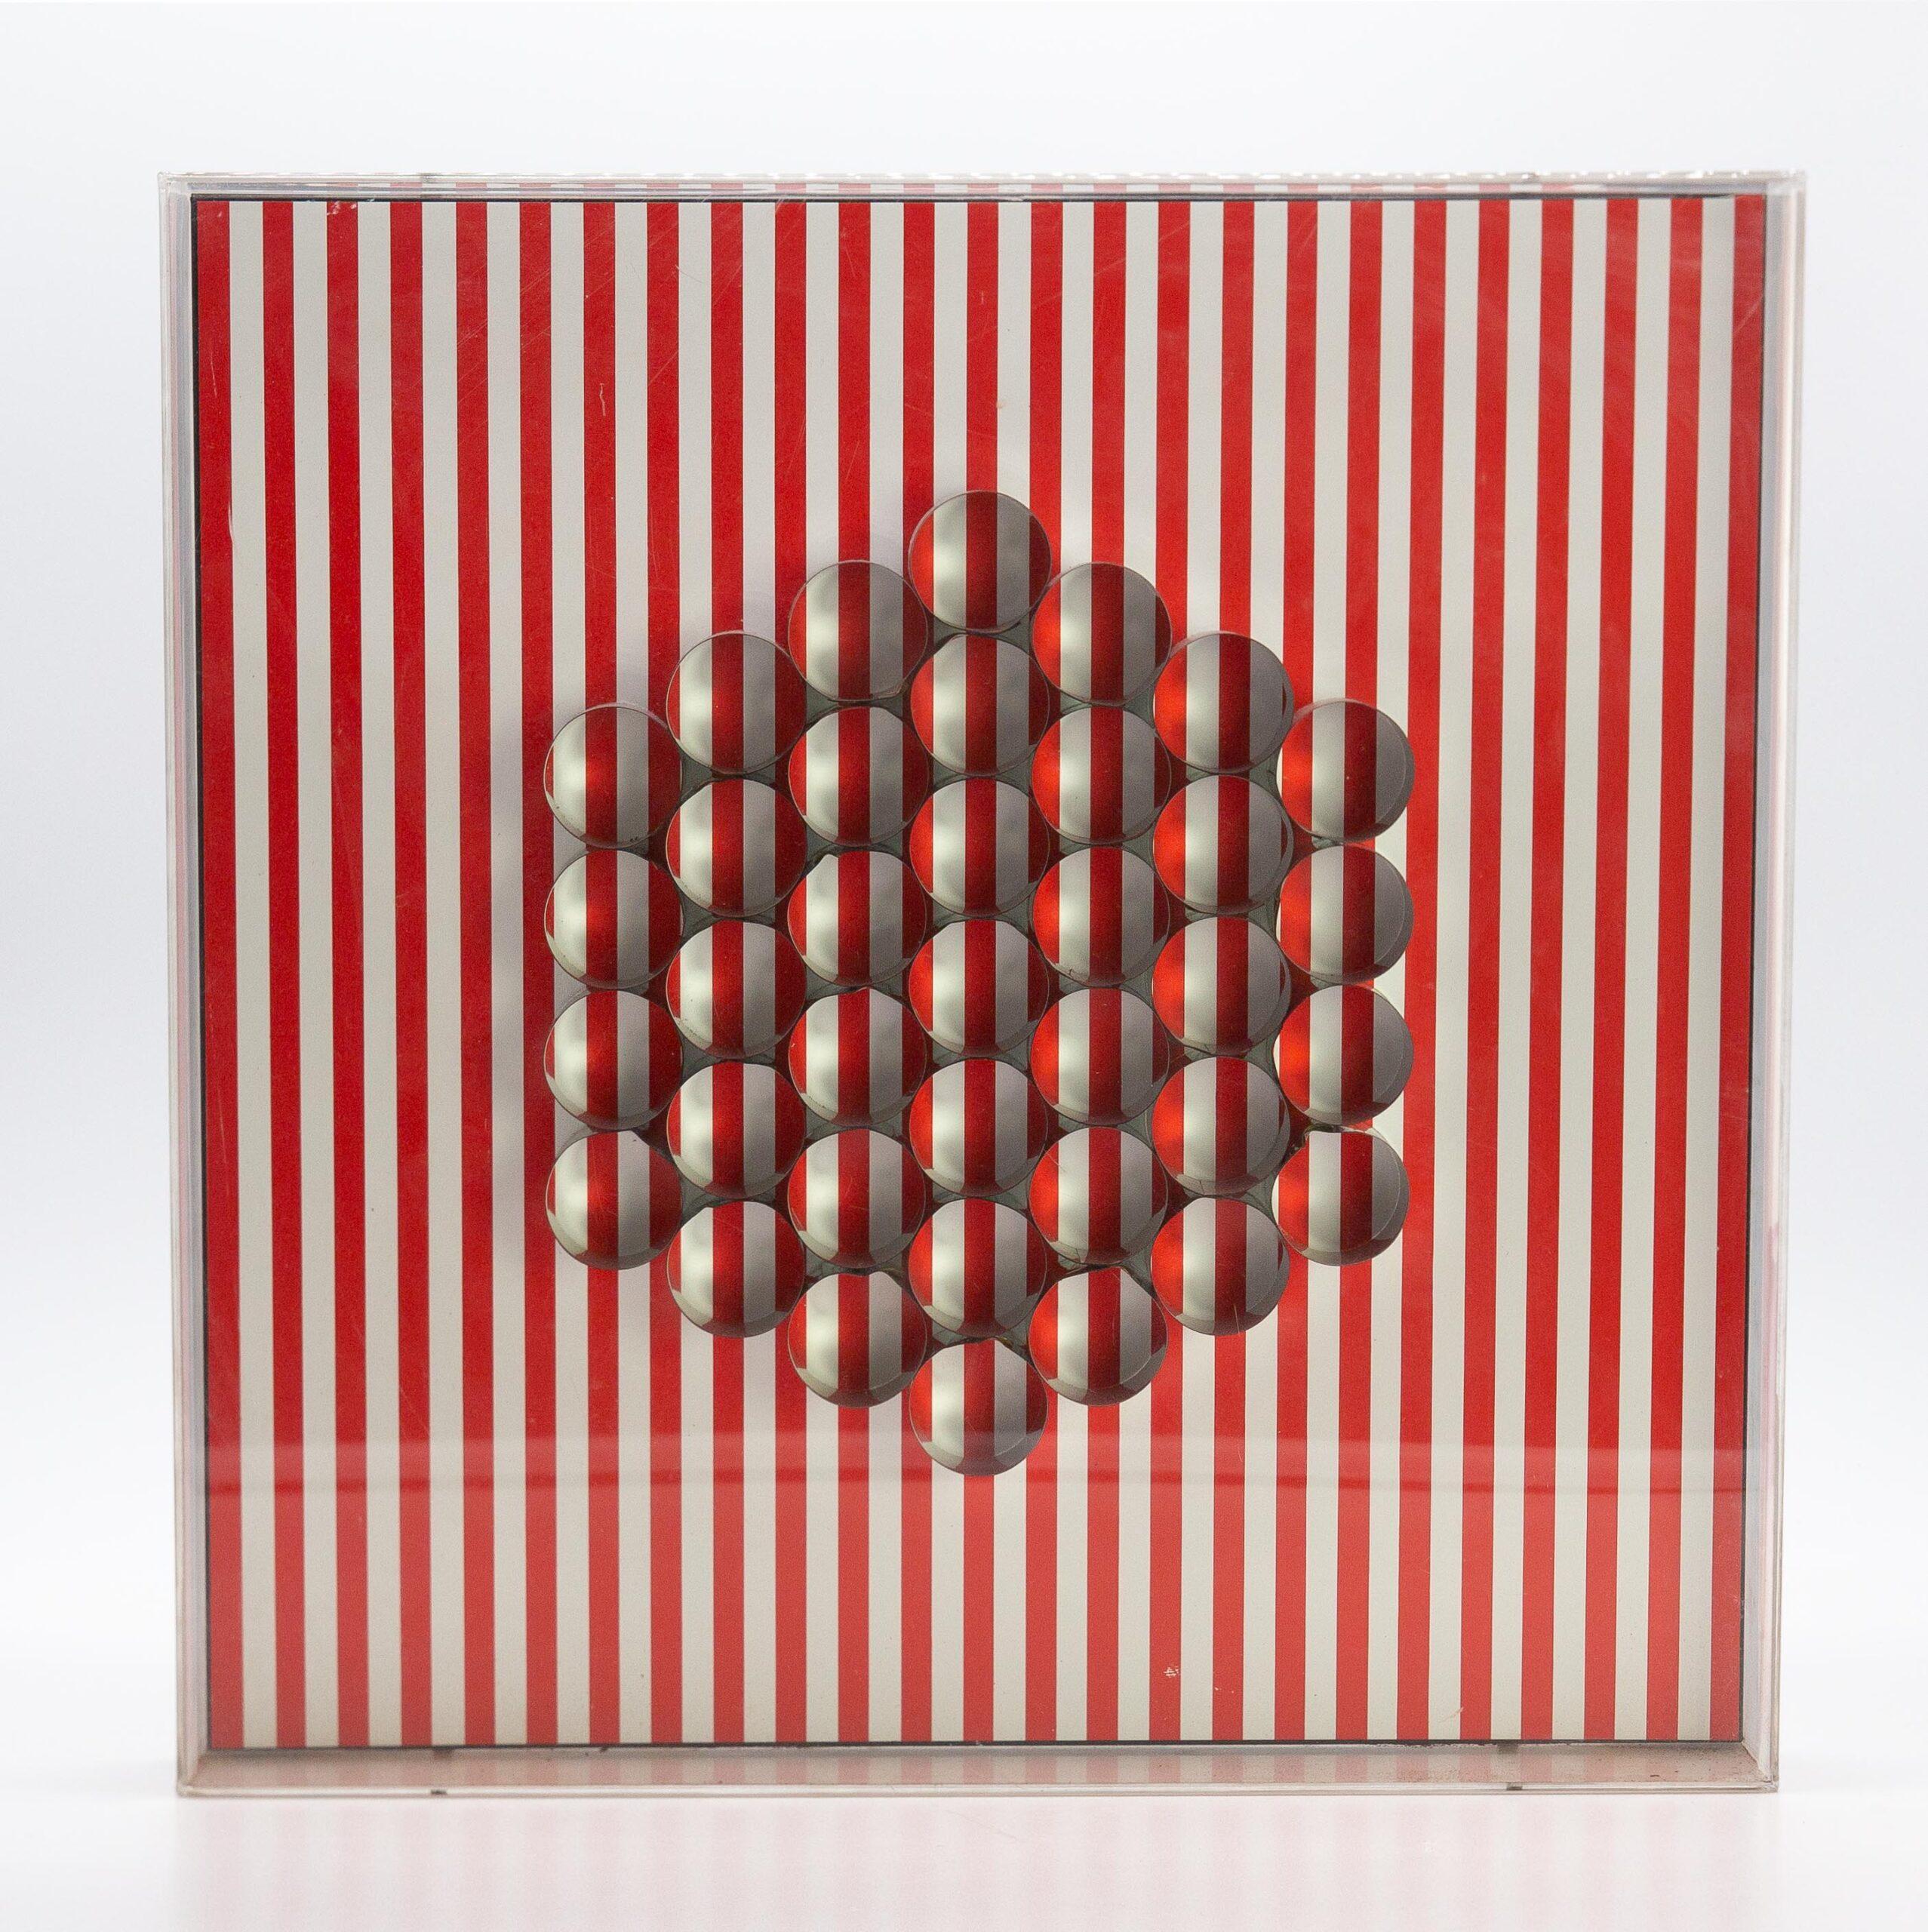 Relief 10 (1970), Assemblage, panneau sérigraphié, cylindres en aluminium en relief. Ed. Denise René Paris.